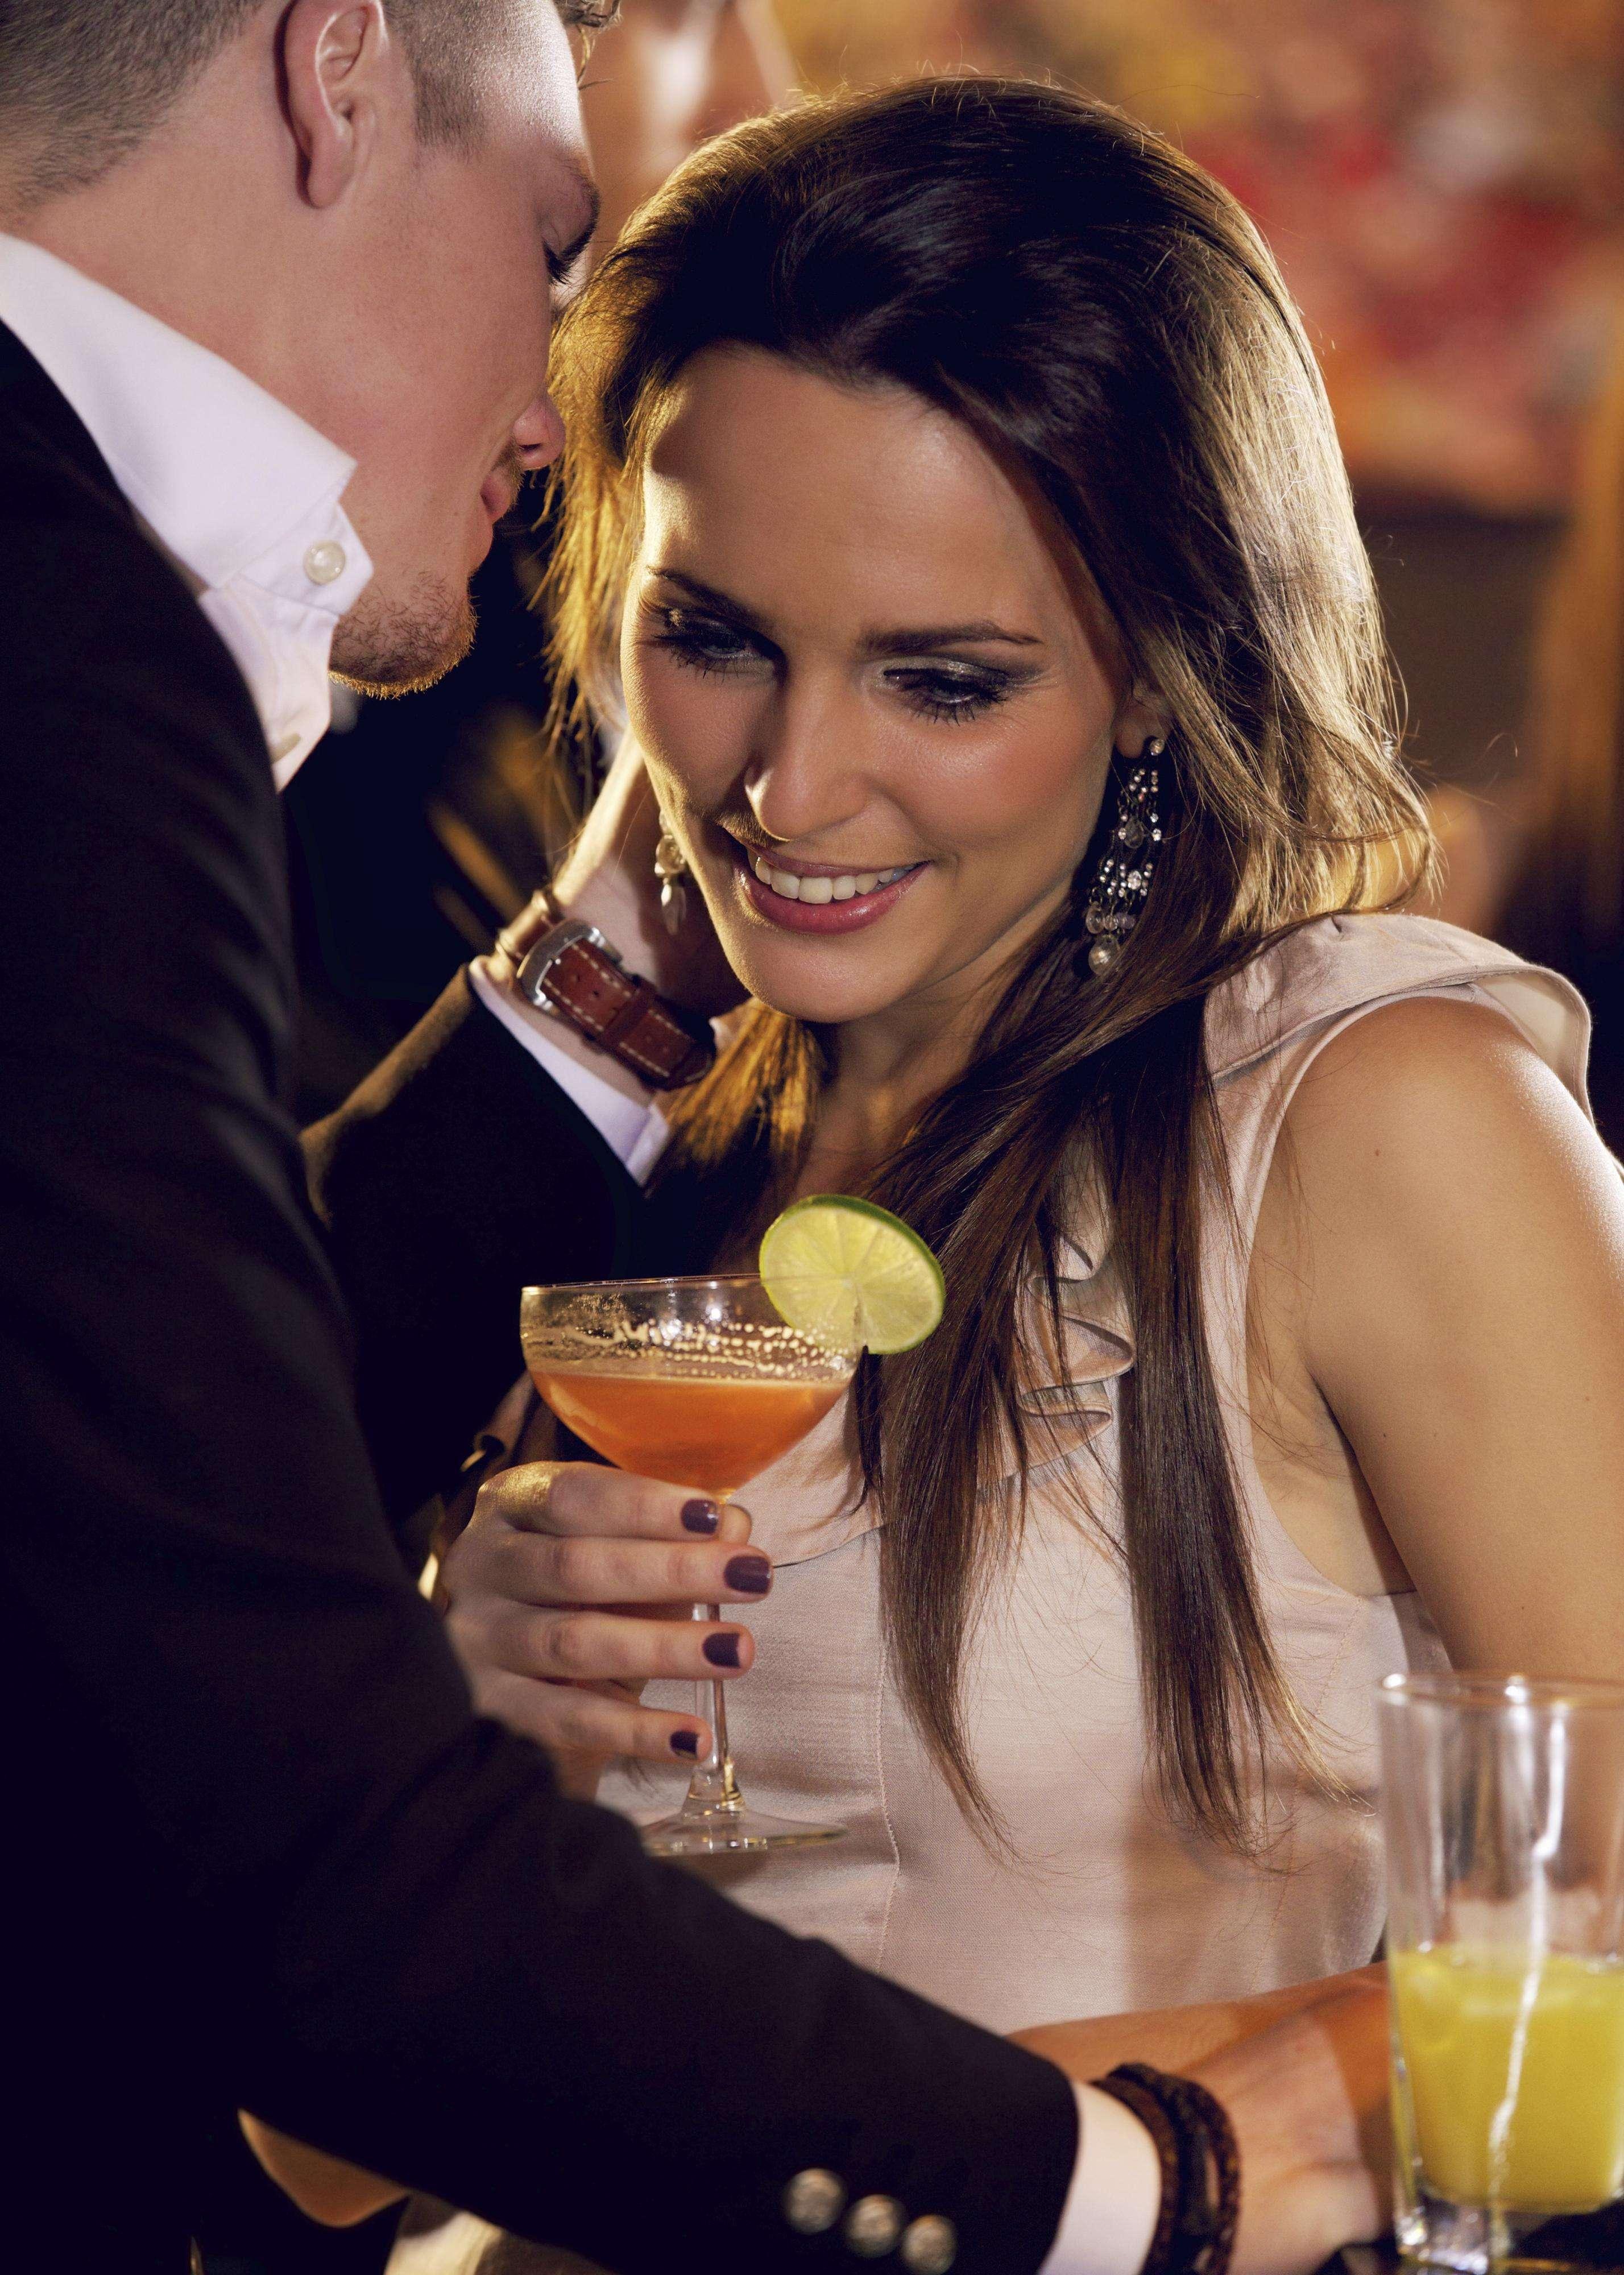 Estudio revela que los hombres prefieren a las veinteañeras